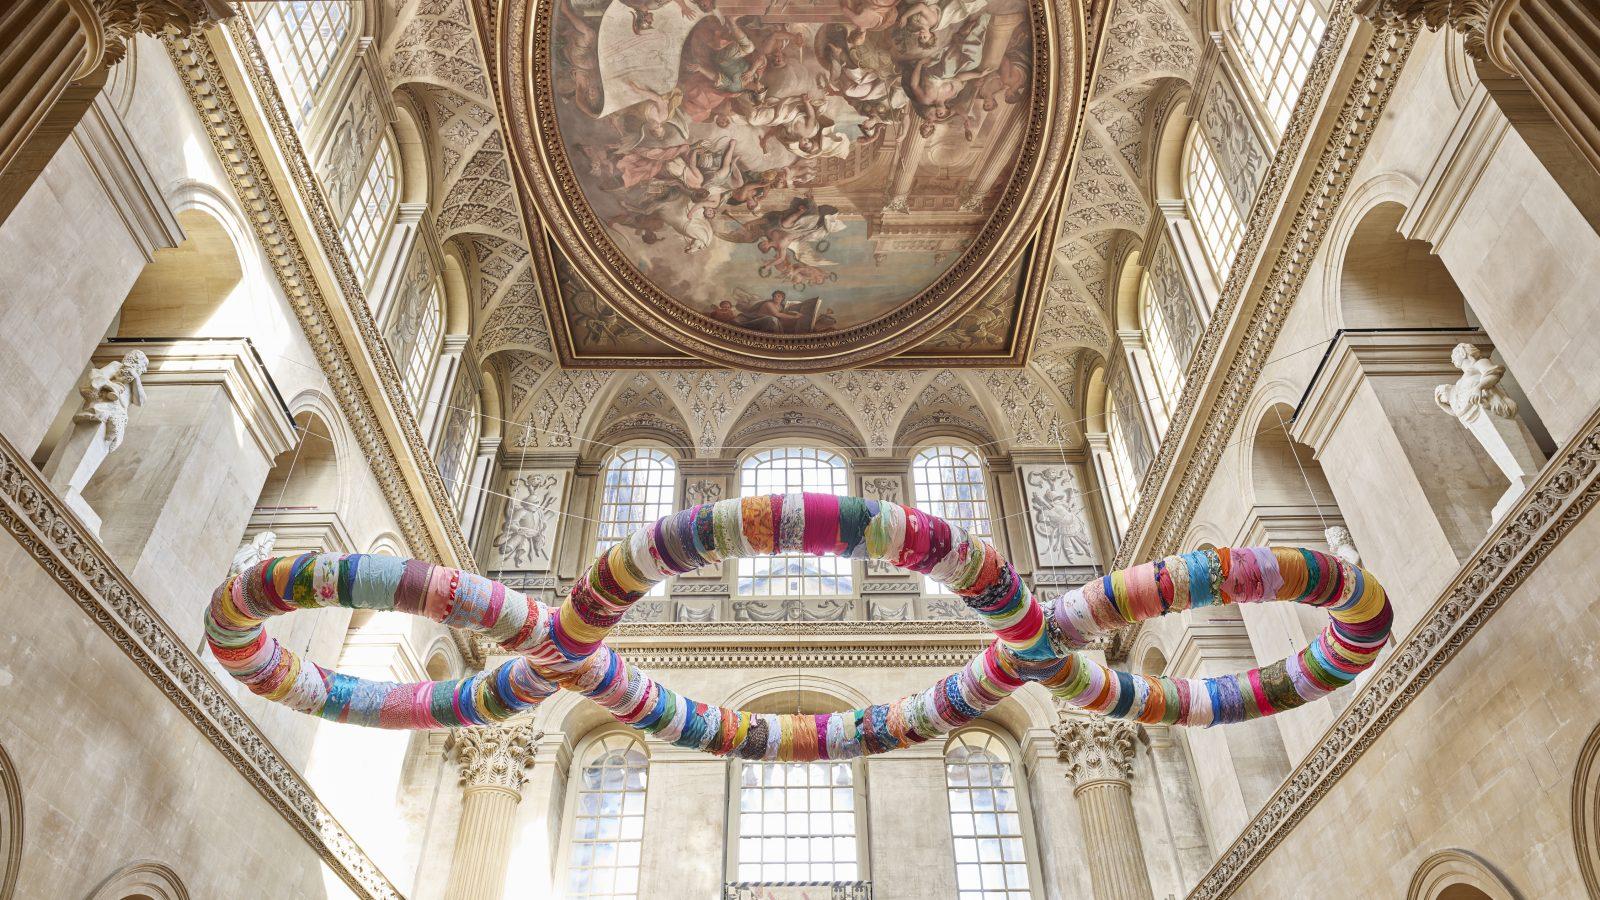 Sutton PR - Blenheim Art Foundation - Michelangelo Pistoletto